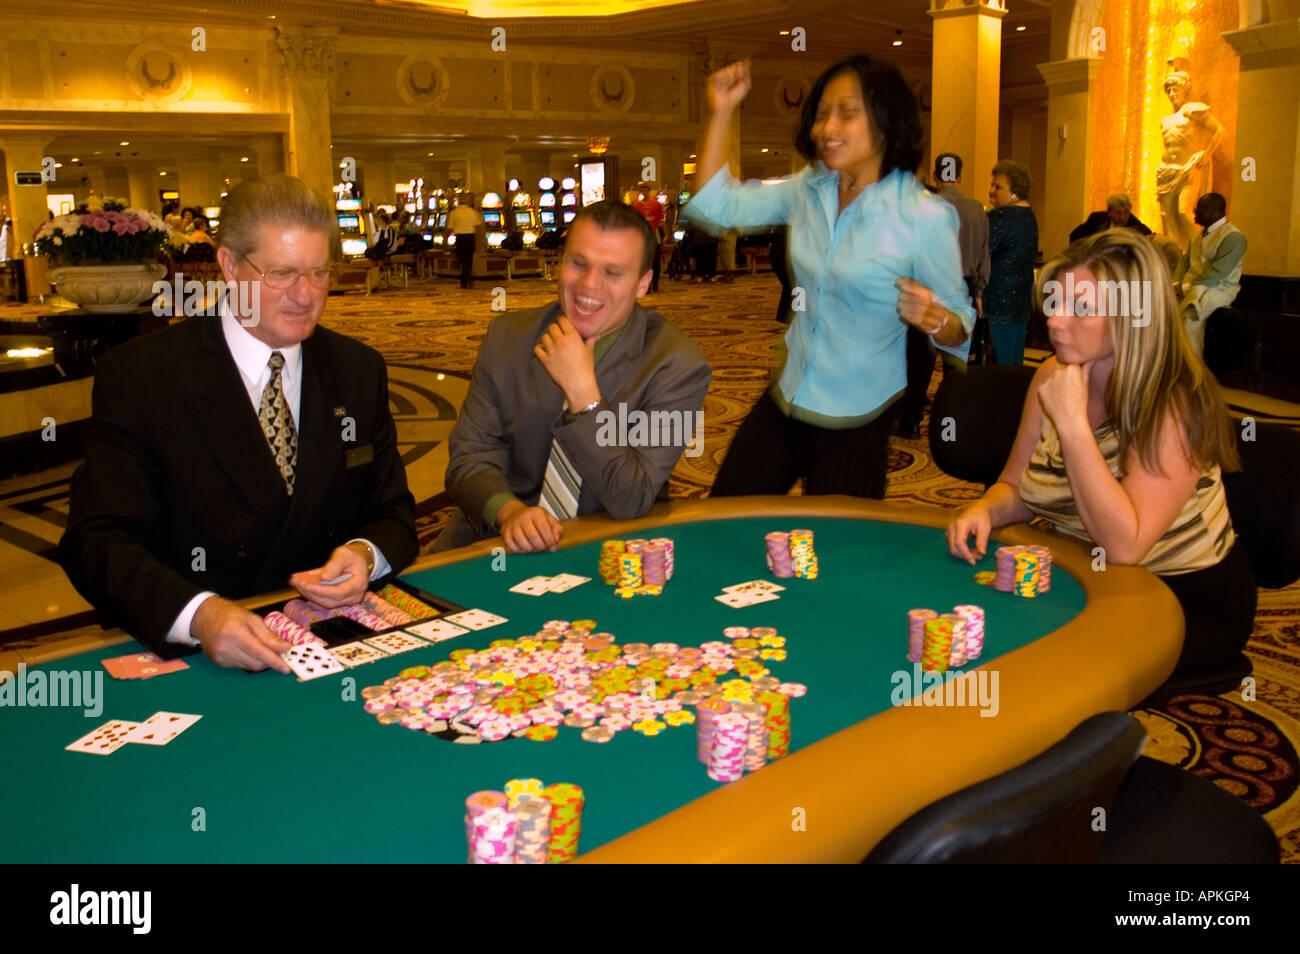 Palace Poker